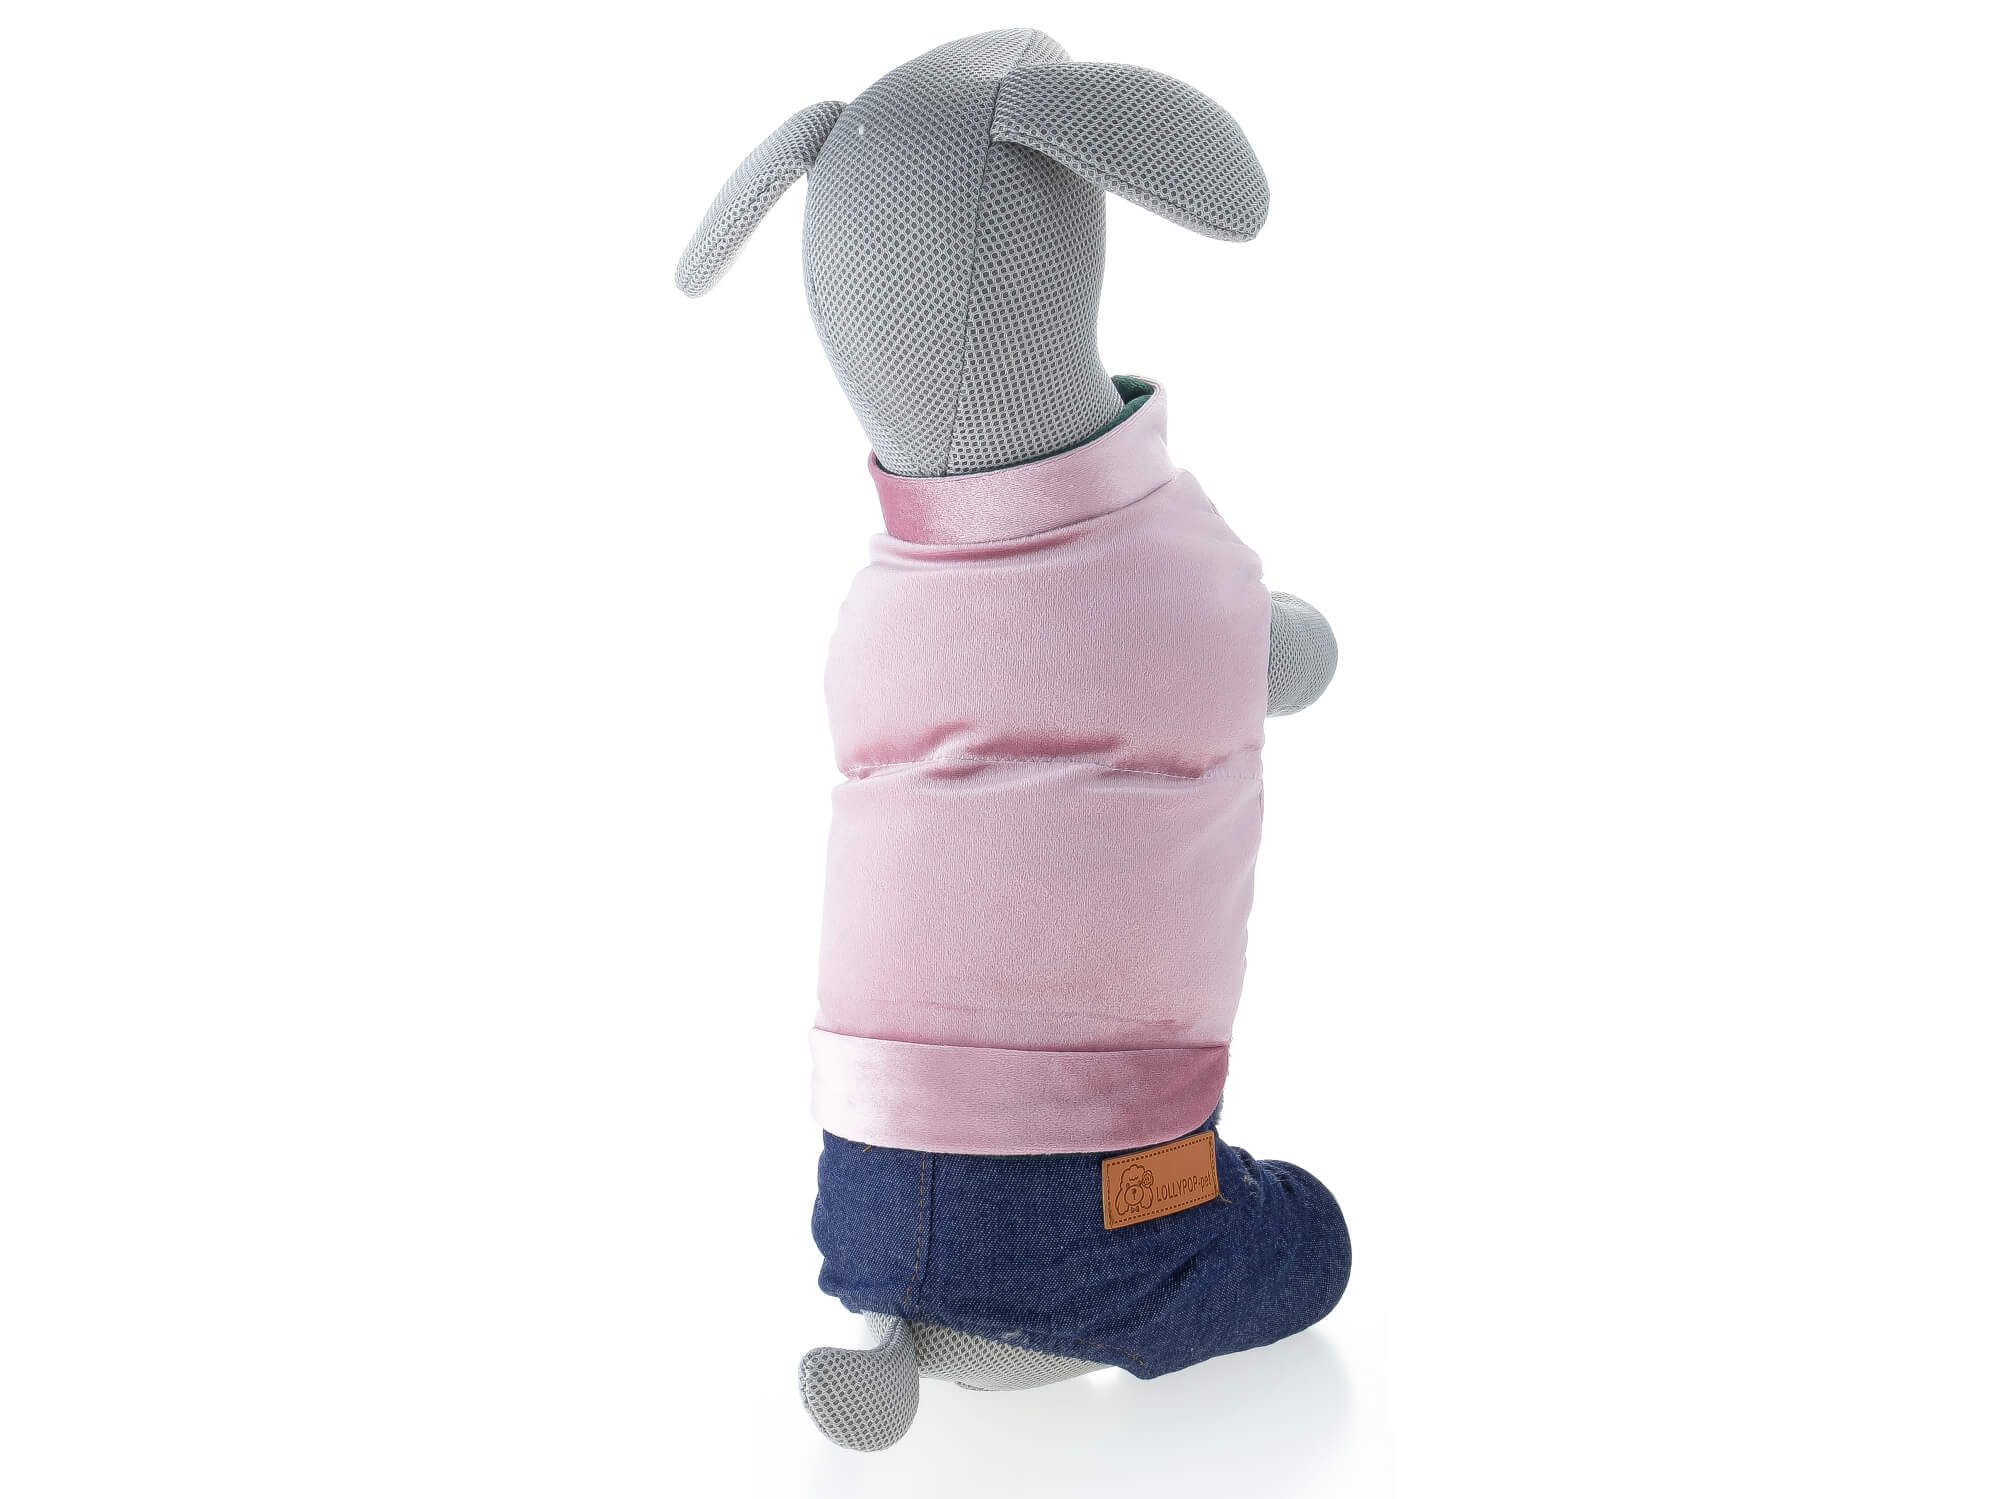 Vsepropejska Simba zimní kombinéza pro psa Barva: Růžová, Délka zad psa: 20 cm, Obvod hrudníku: 28 -